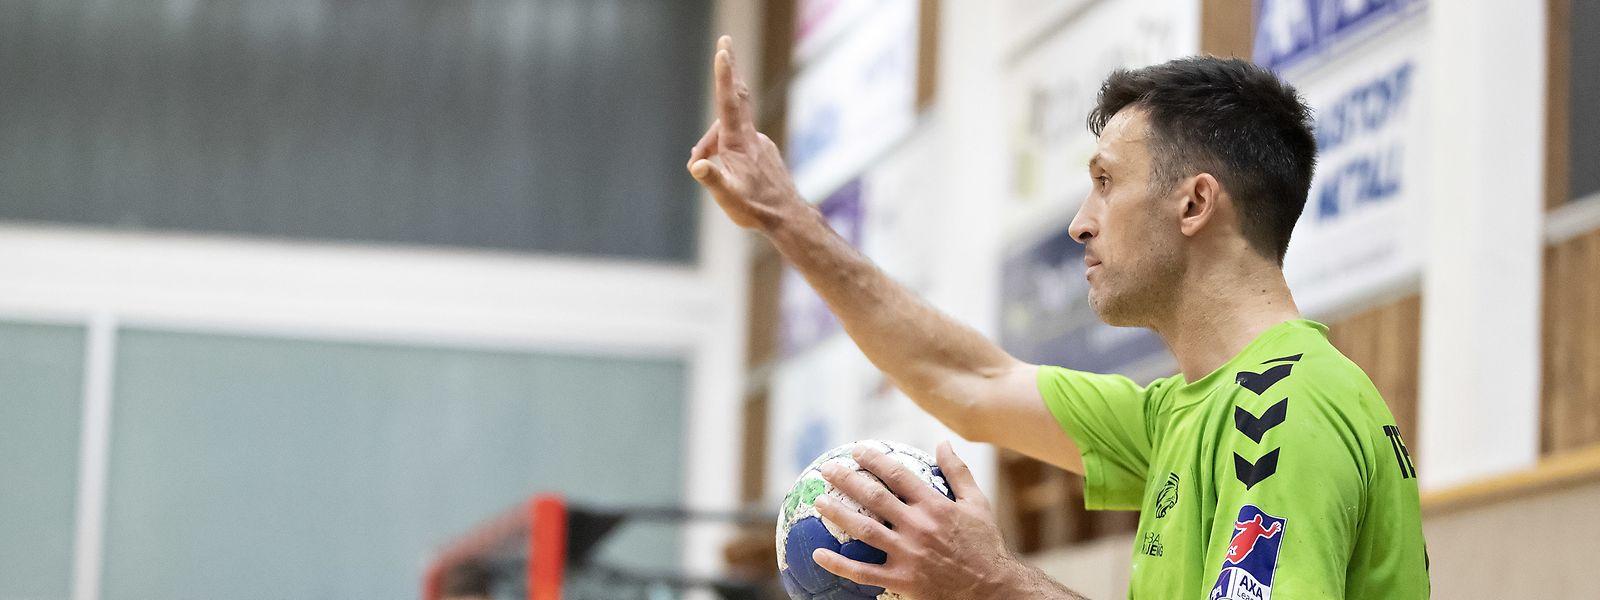 Leistungsträger, Motivator, Dirigent: Vladimir Temelkov ist aus der Käerjenger Mannschaft nicht wegzudenken.